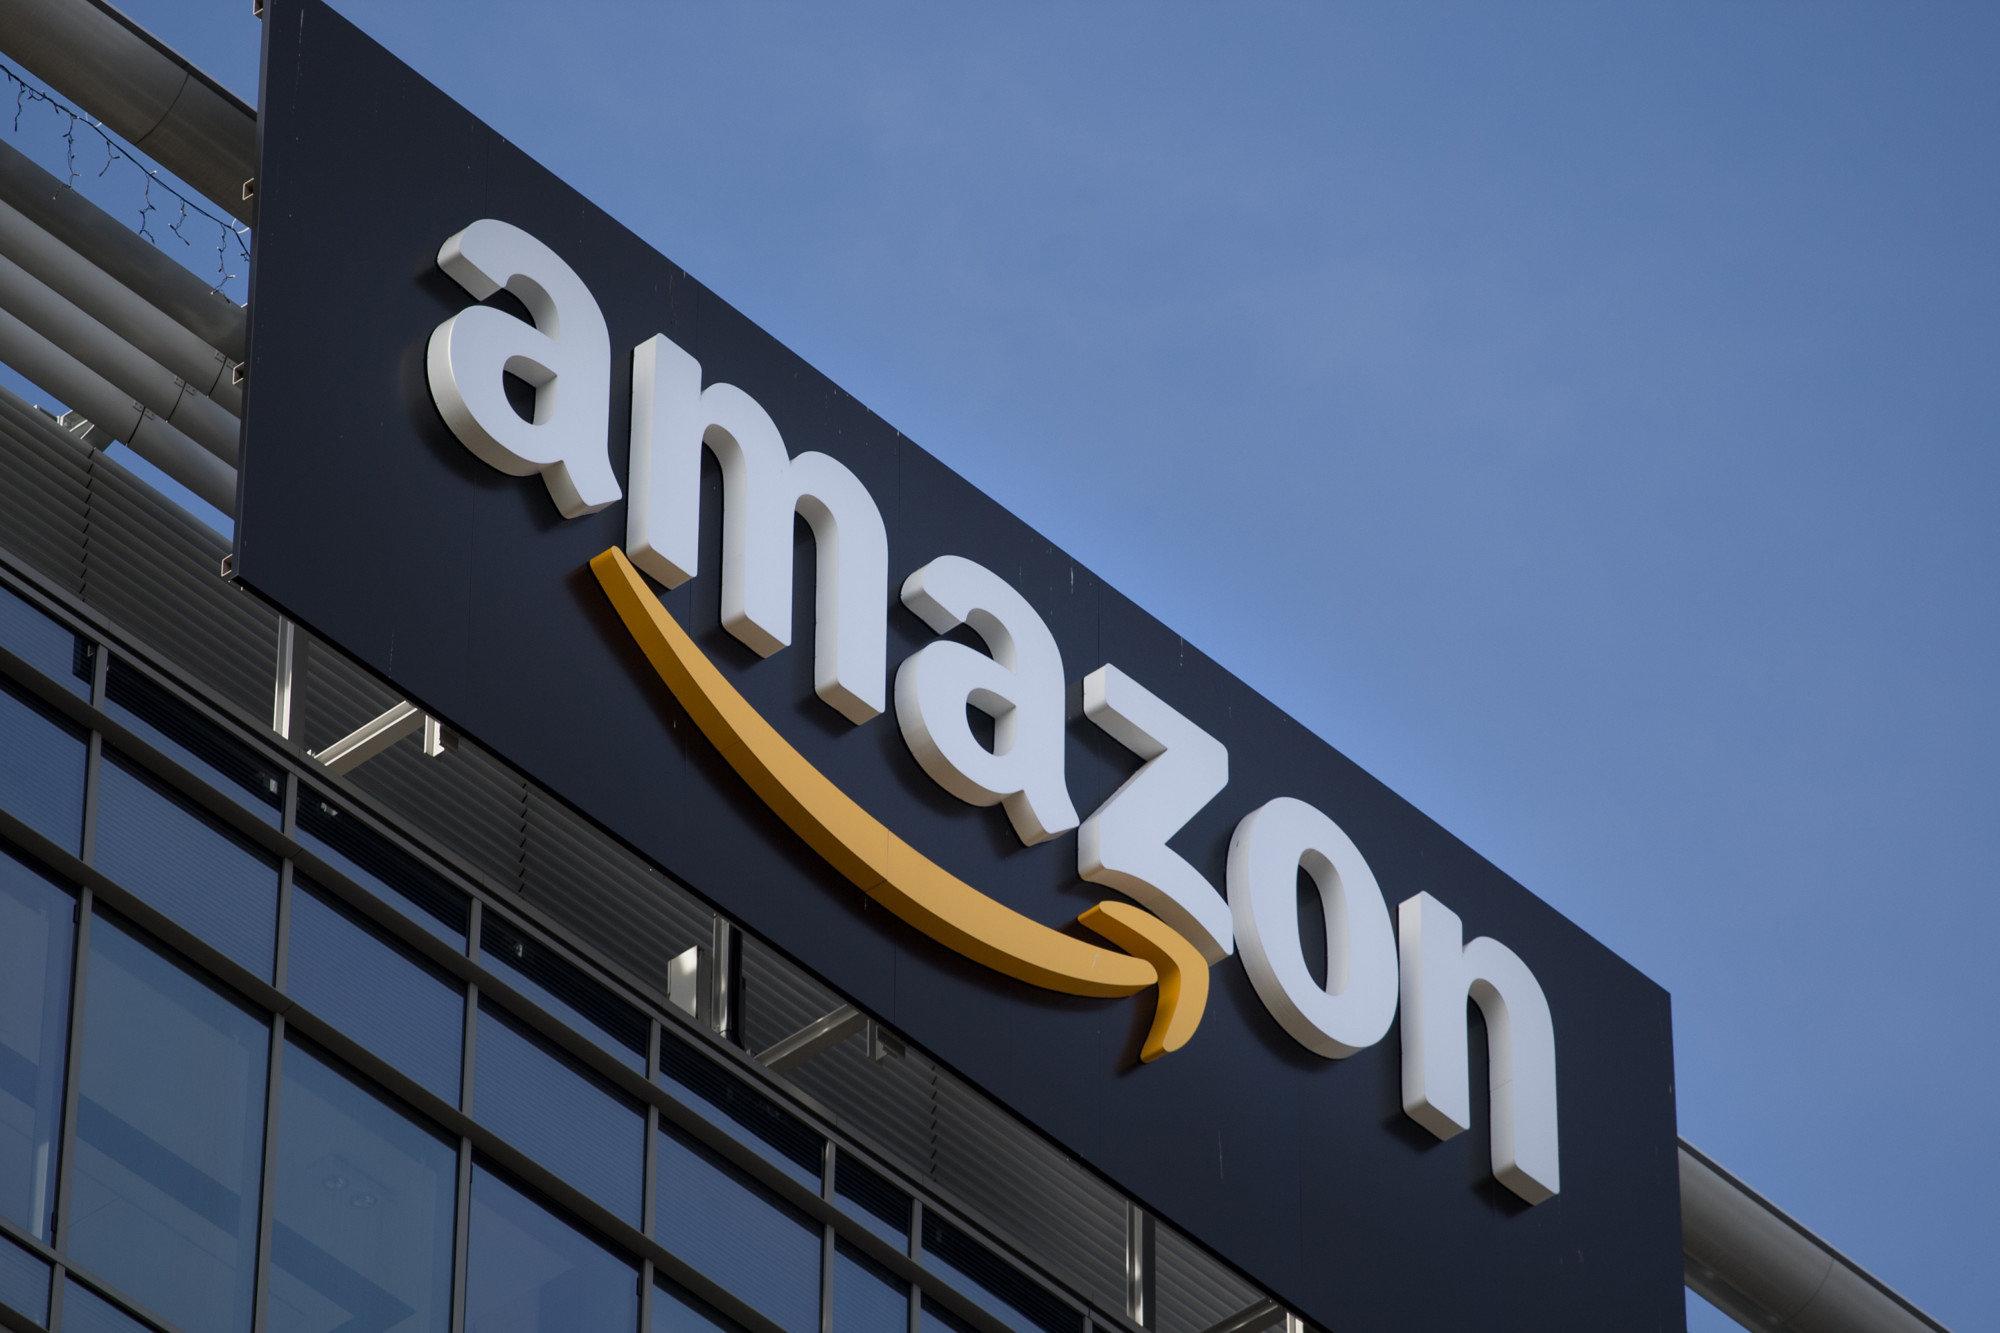 Безос продал часть акций Amazon